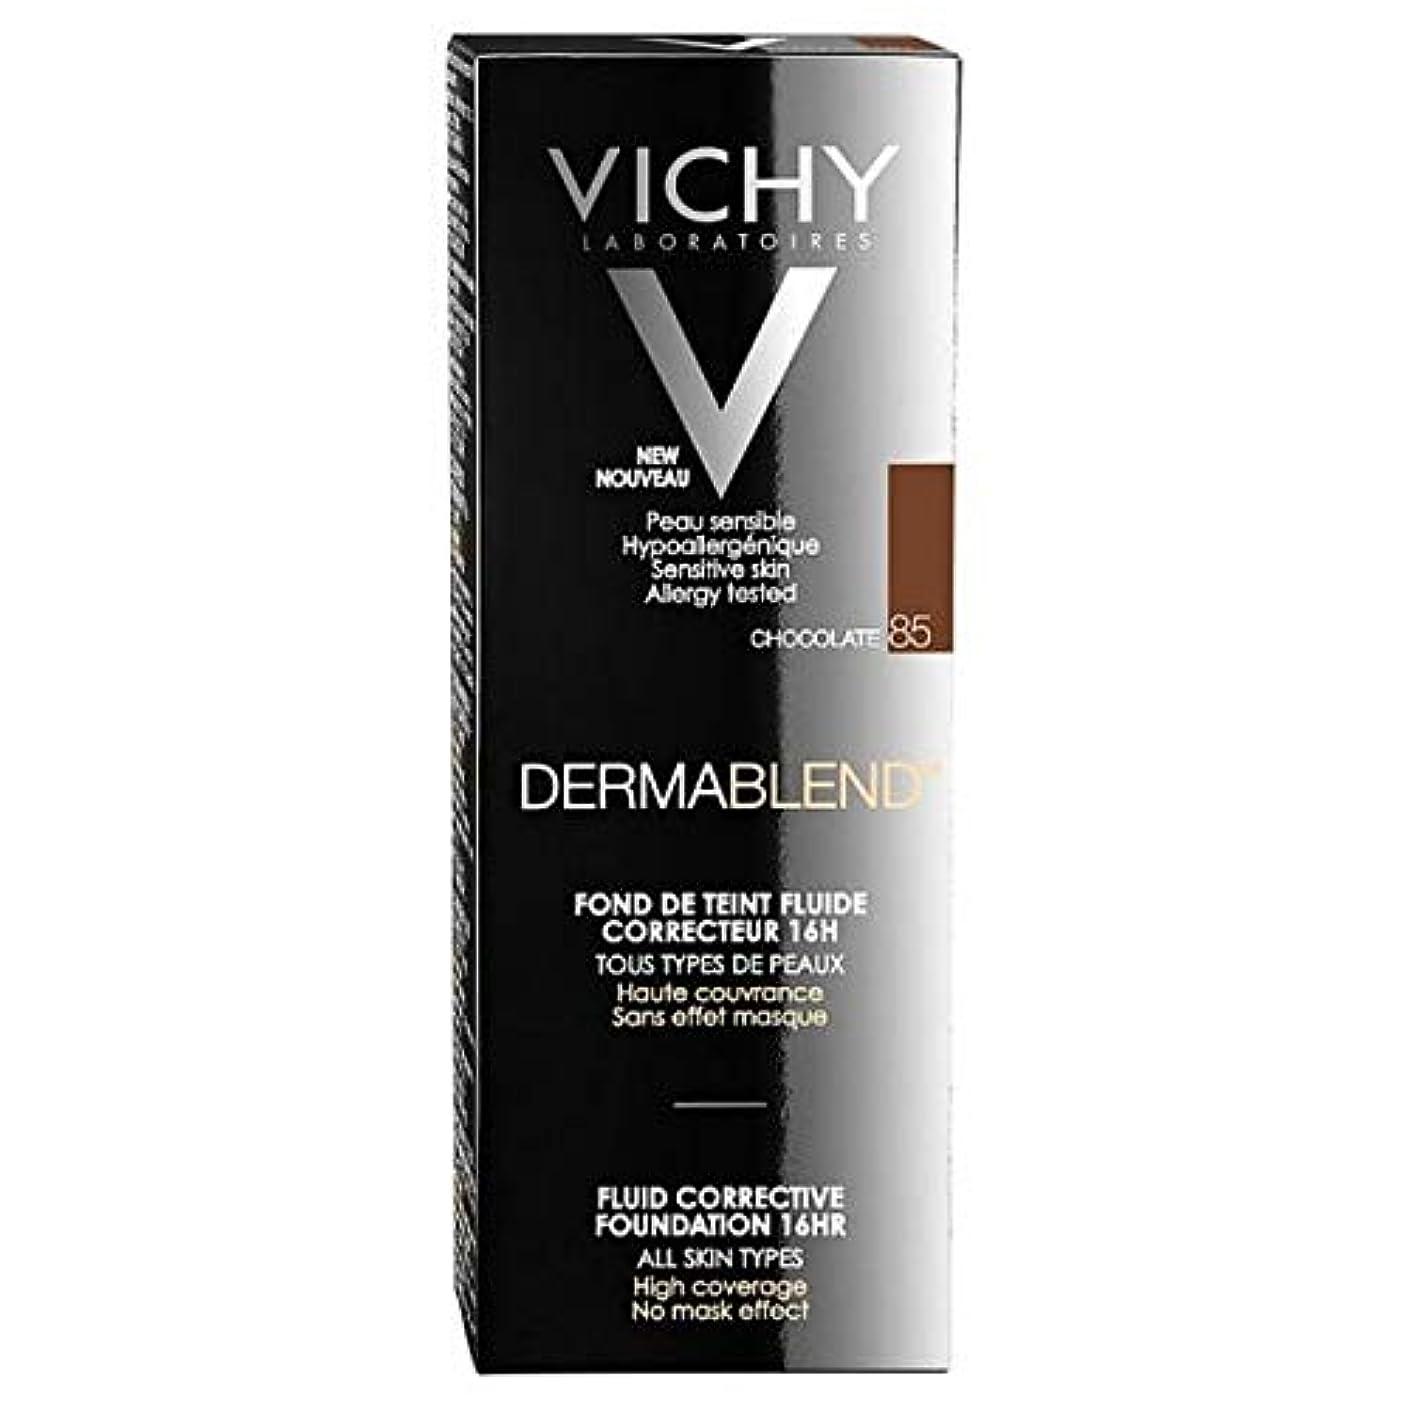 価格ピック何[Vichy ] ヴィシーDermablend流体是正基盤85 30ミリリットル - Vichy Dermablend Fluid Corrective Foundation 85 30ml [並行輸入品]